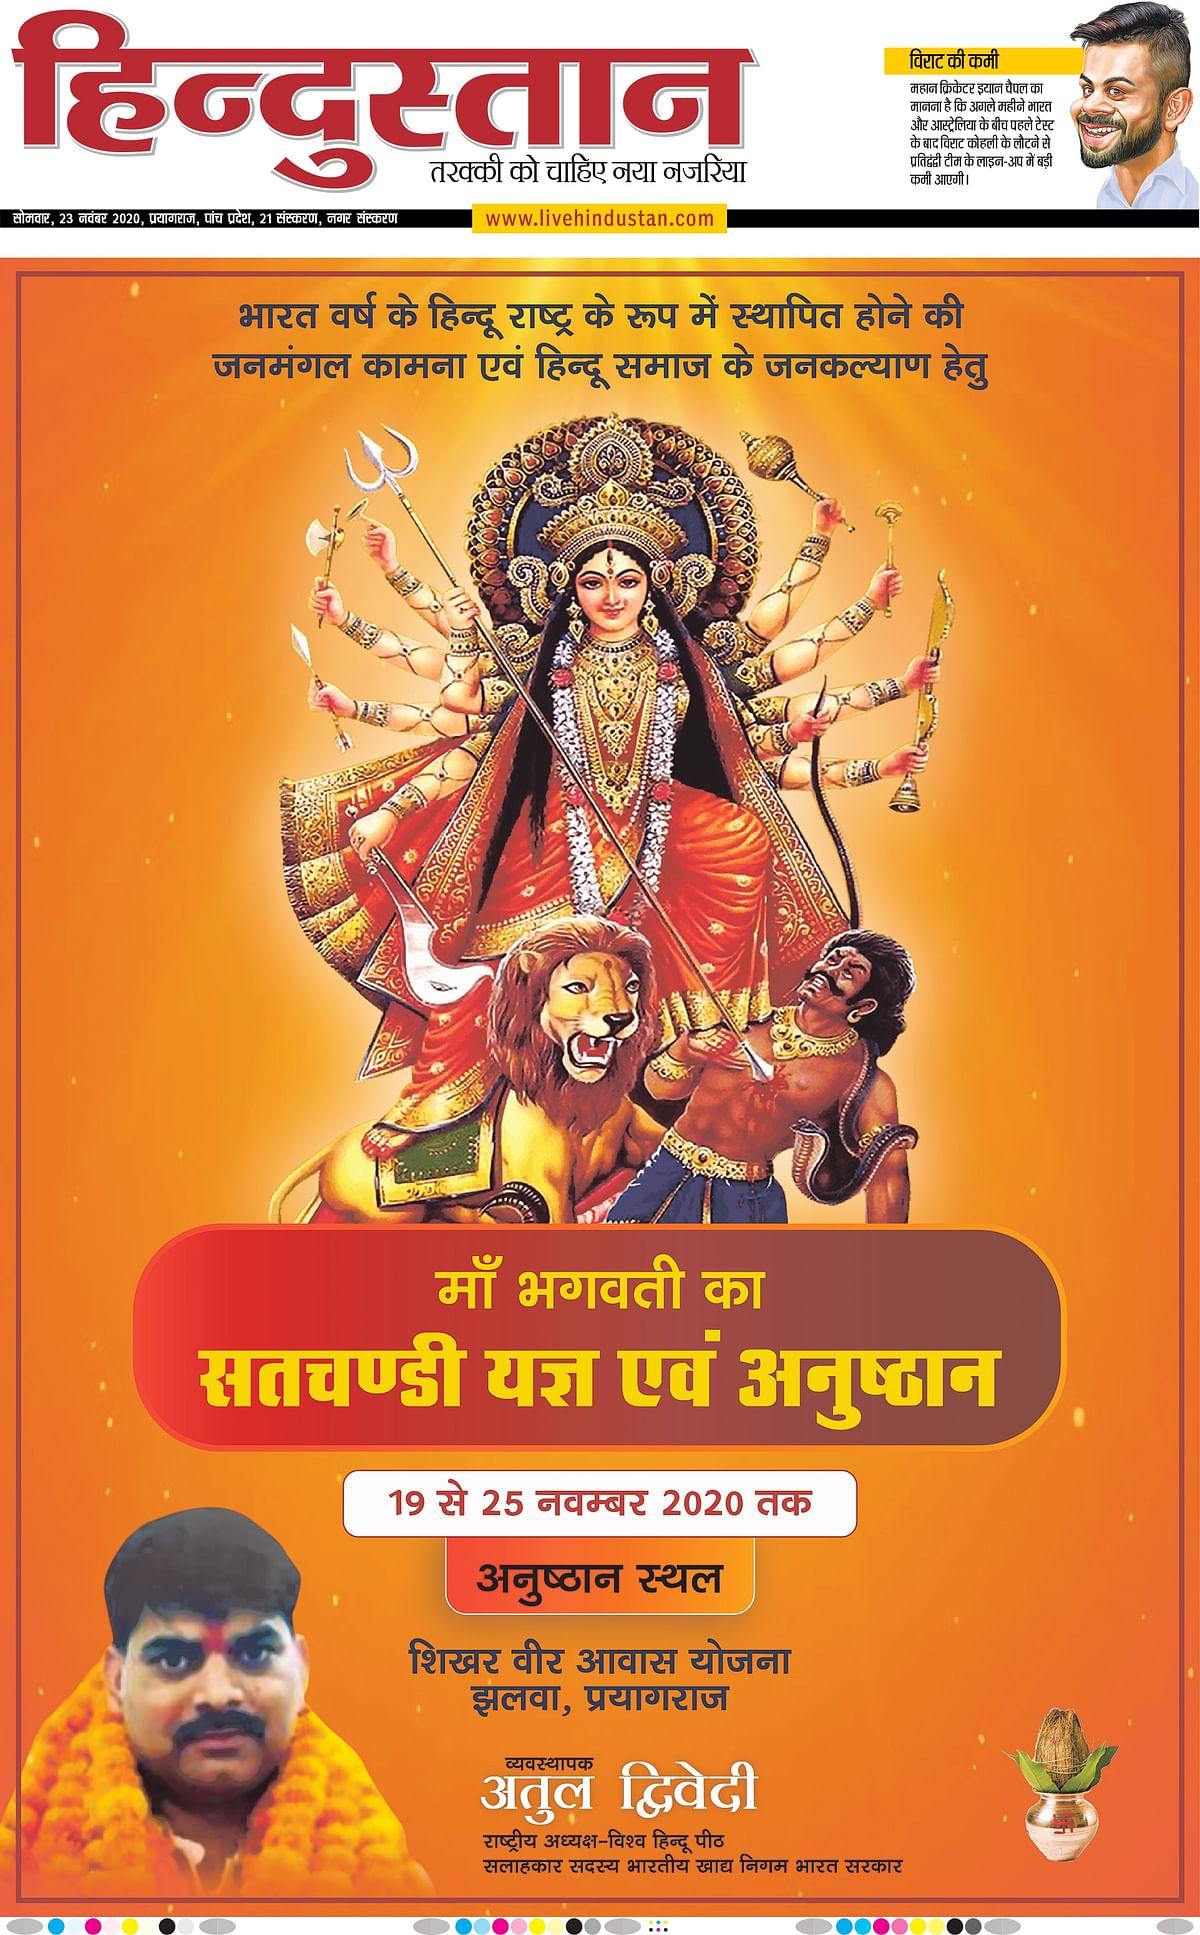 हिंदू राष्ट्र विज्ञापन पेज